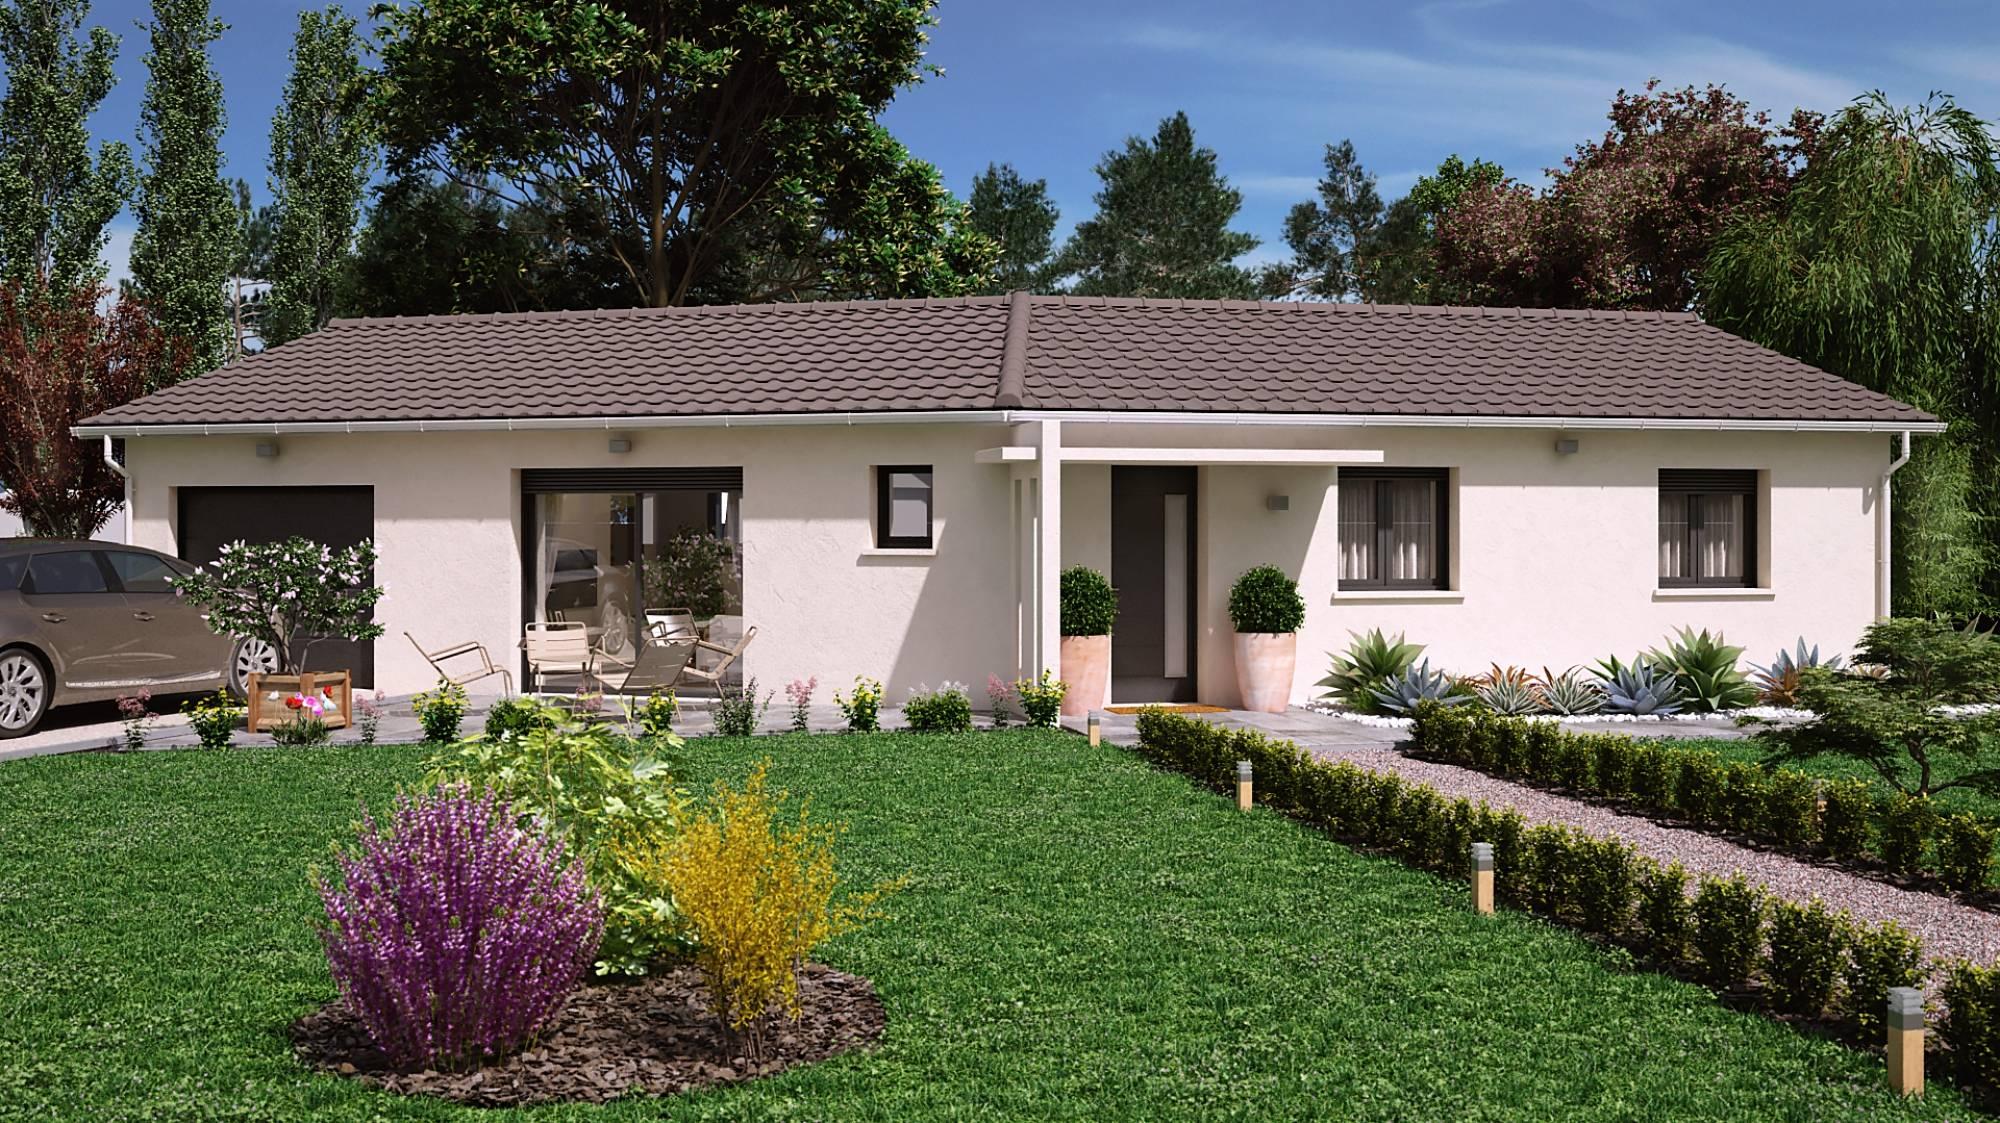 La maison individuelle toujours pl biscit e en gironde for Constructeur de maison individuelle en gironde